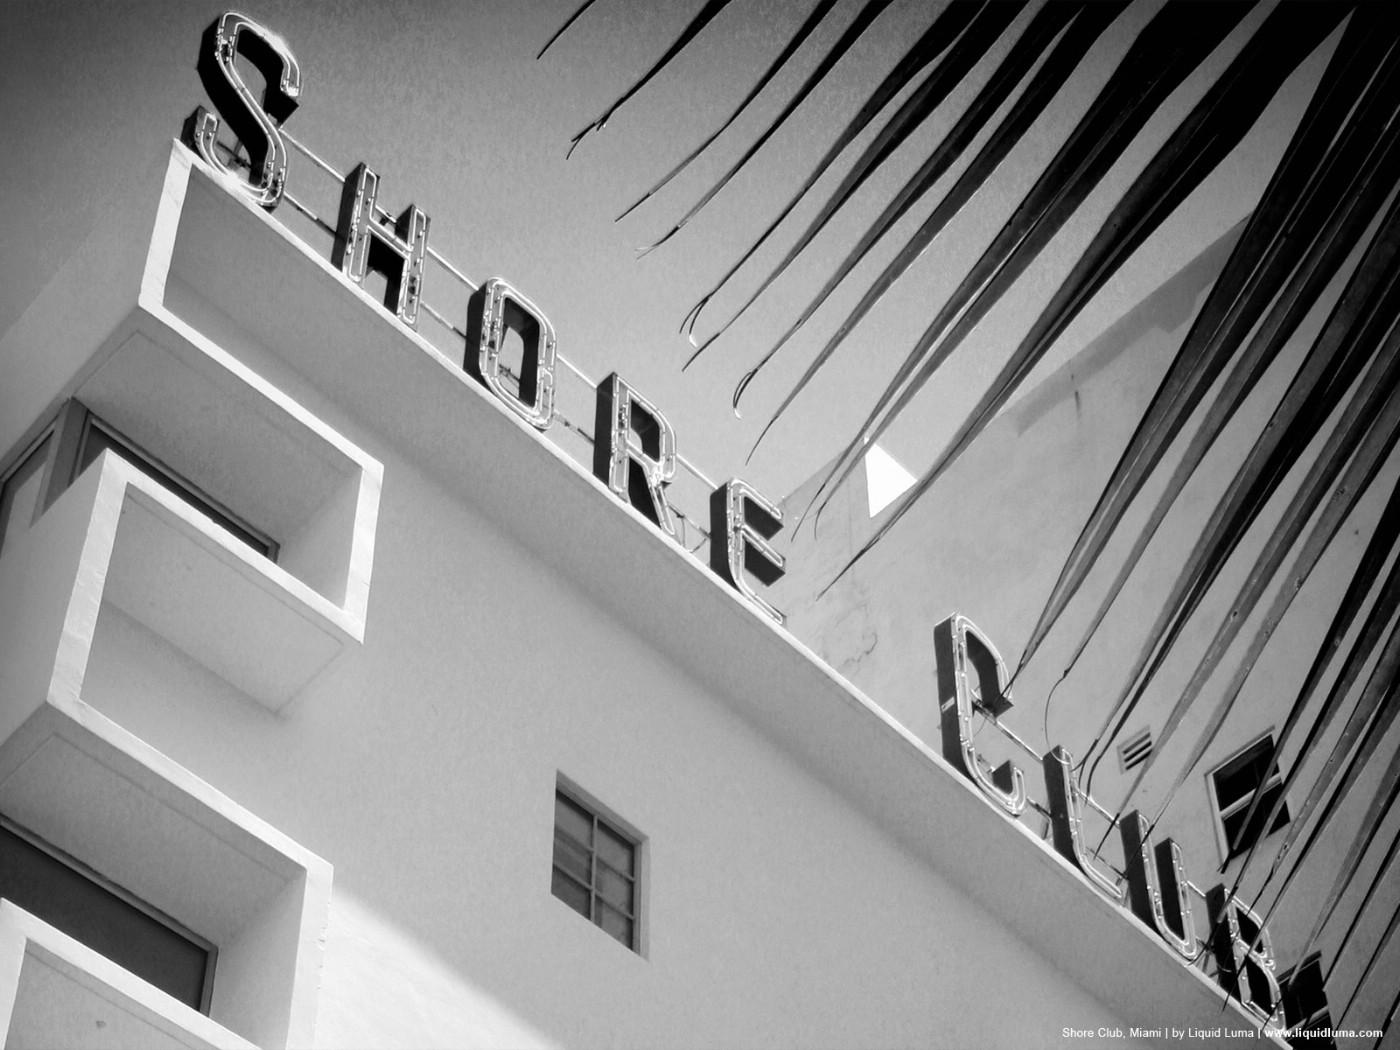 壁纸1400×1050纯粹的光影美学 人文建筑黑白摄影壁纸 Shore Club Miami 迈阿密海岸俱乐部桌面壁纸壁纸 纯粹的光影美学人文建筑黑白摄影壁纸壁纸图片人文壁纸人文图片素材桌面壁纸